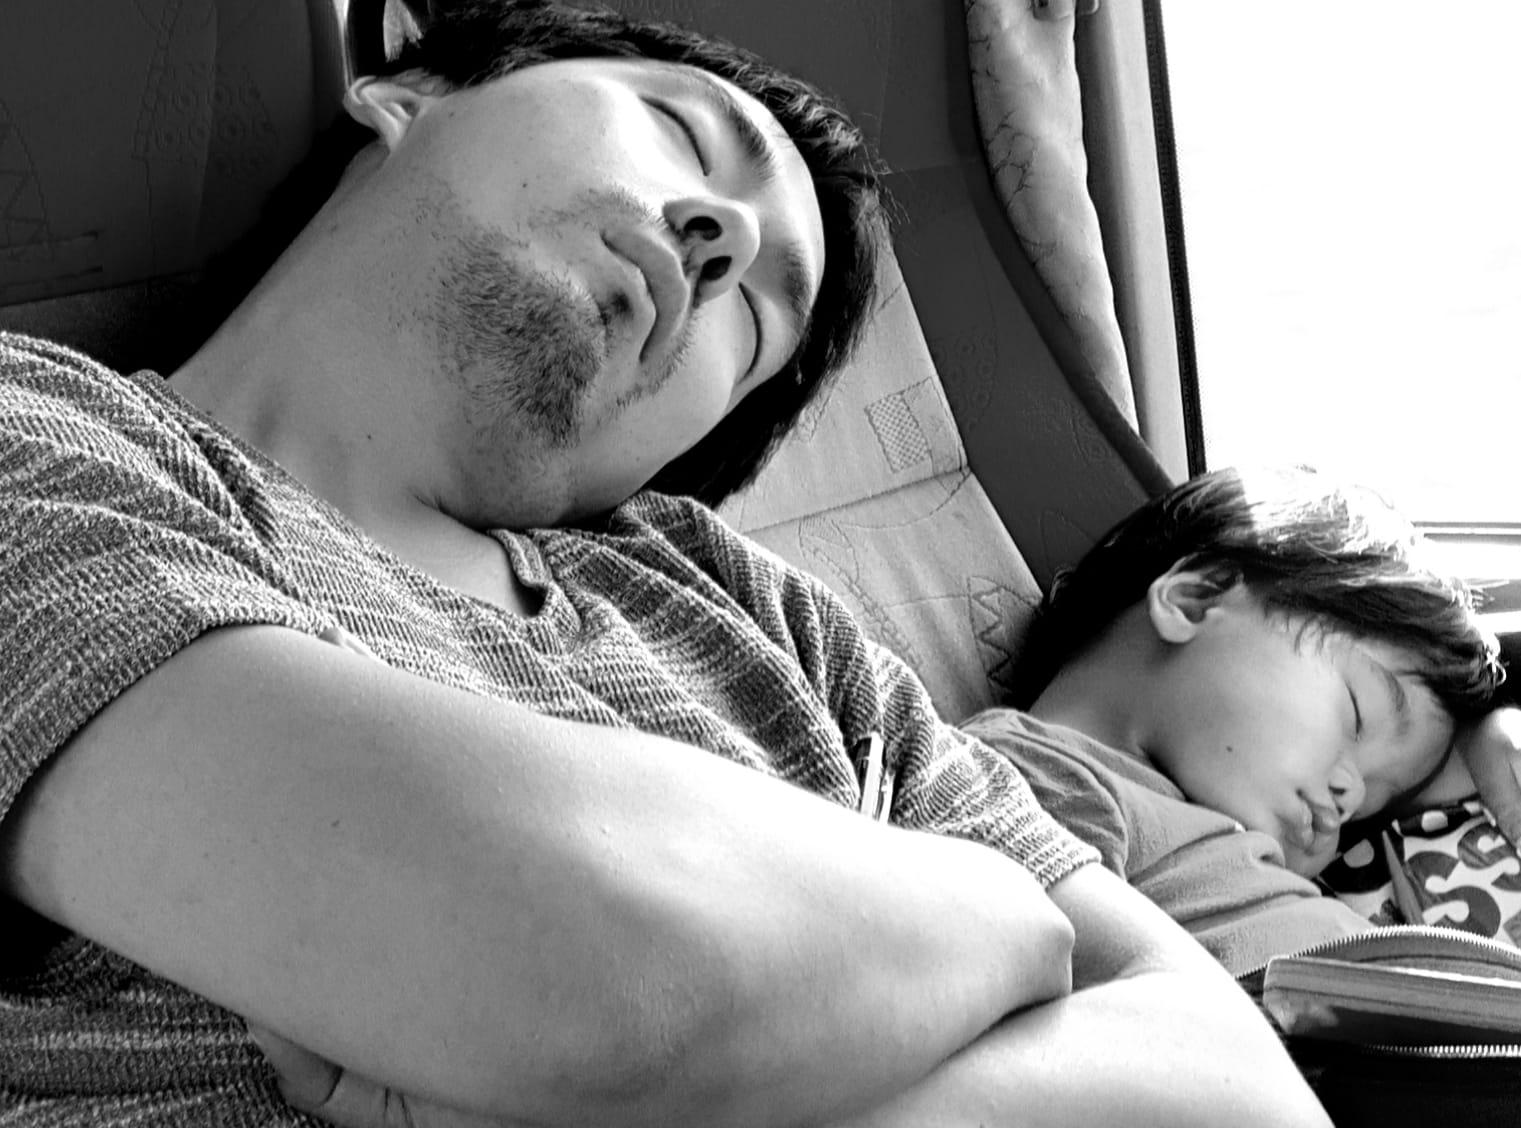 Padre y hijo.